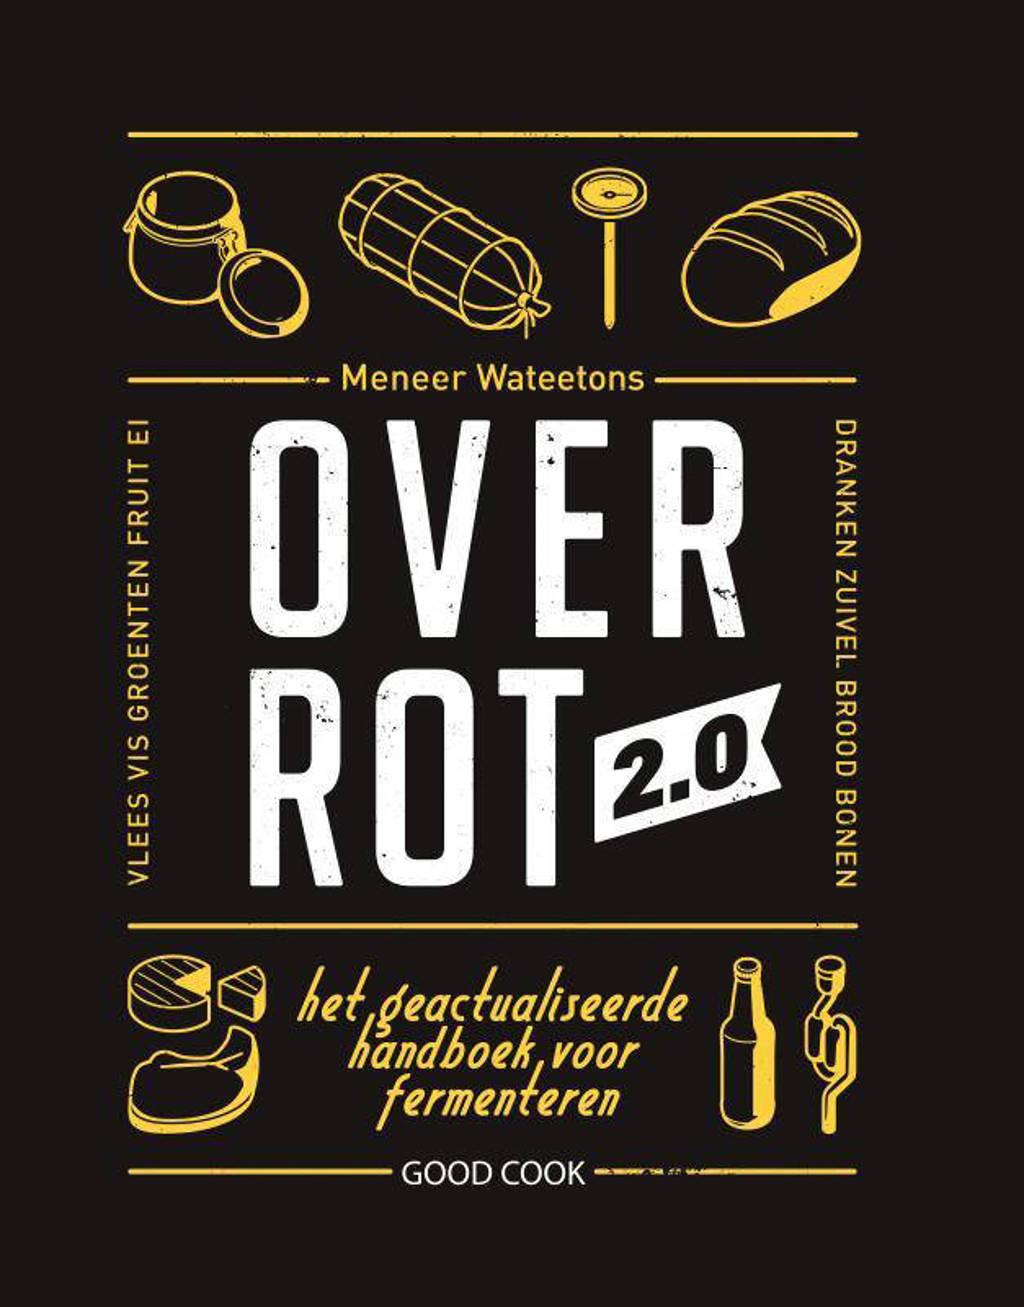 Over rot 2.0 - Meneer Wateetons